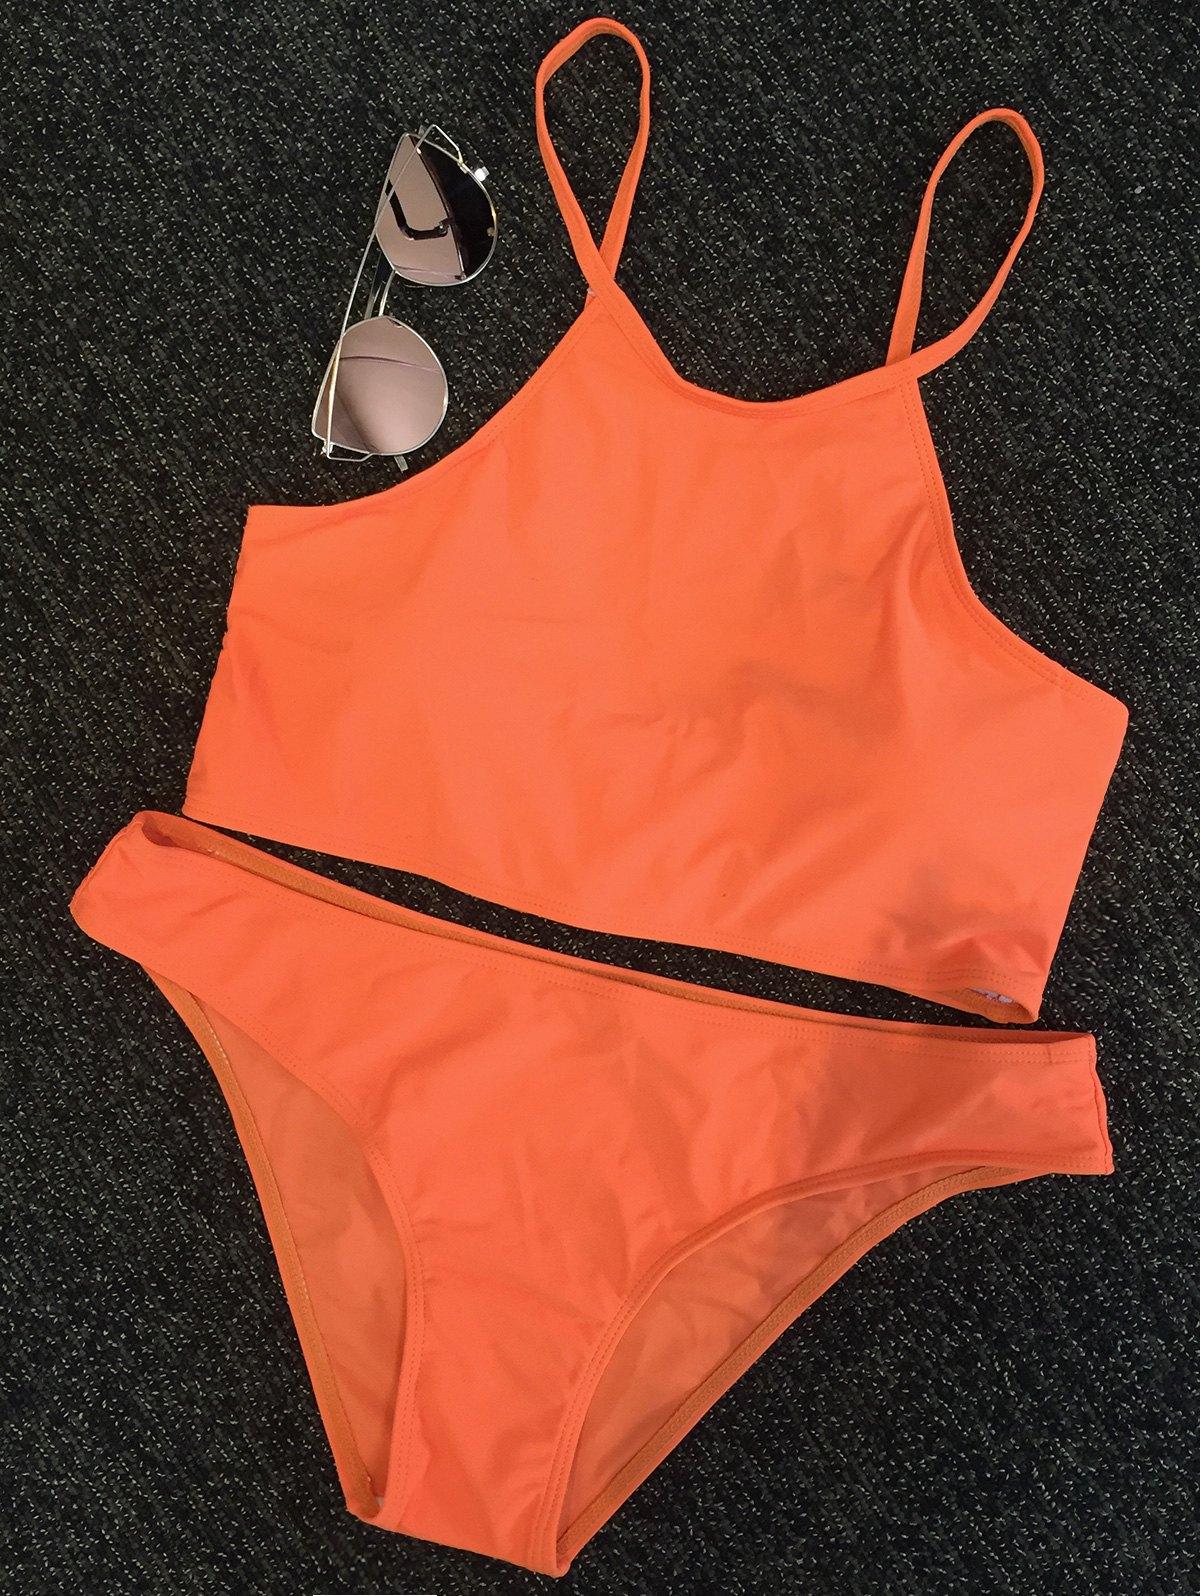 Cami Bikini Set 192177901